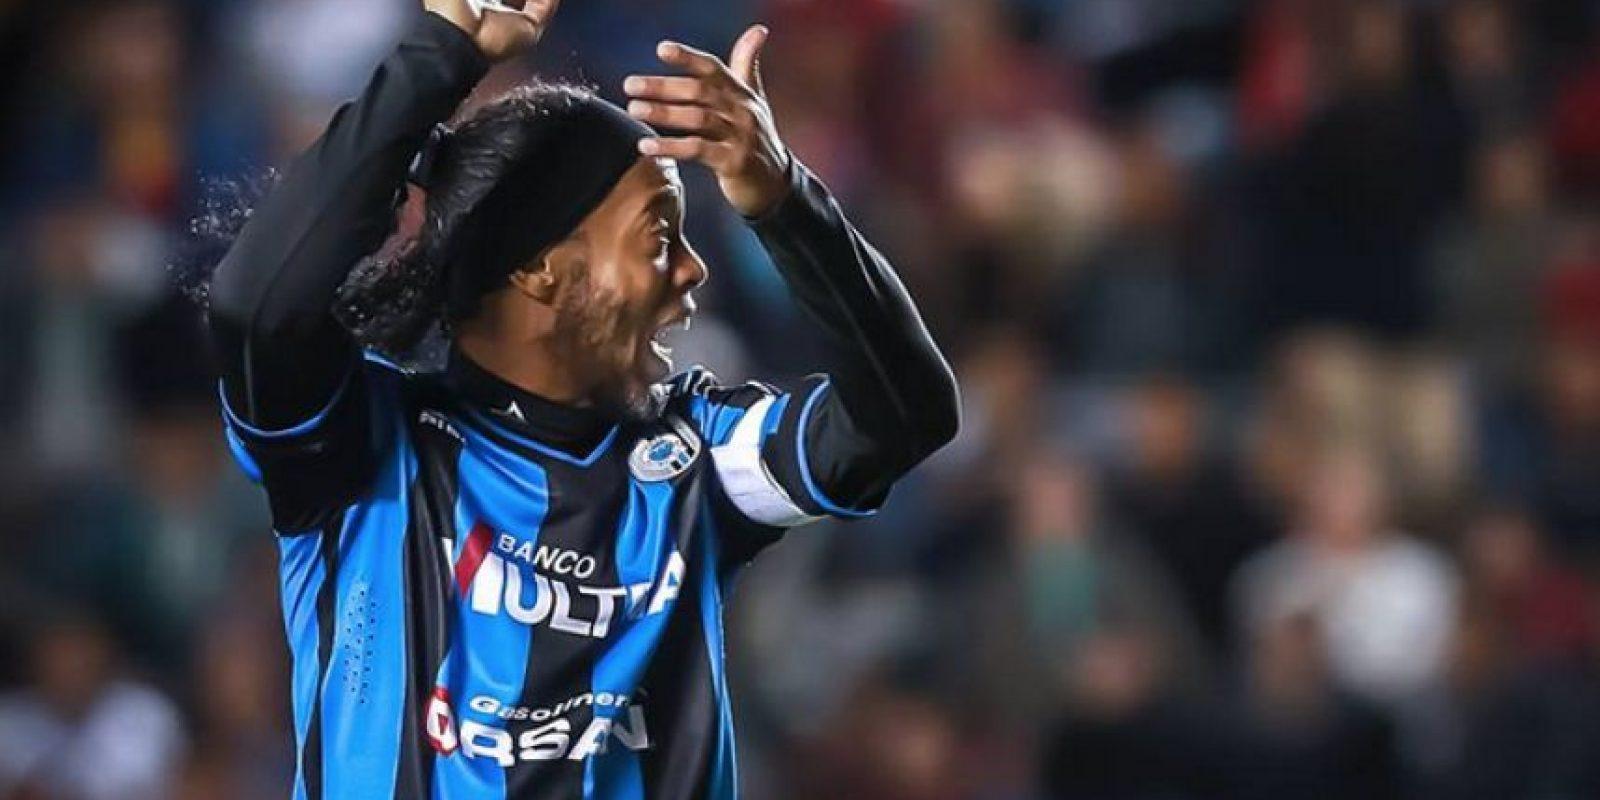 En las dos temporadas ha llegado tarde Foto:Facebook: Ronaldinho Gaúcho